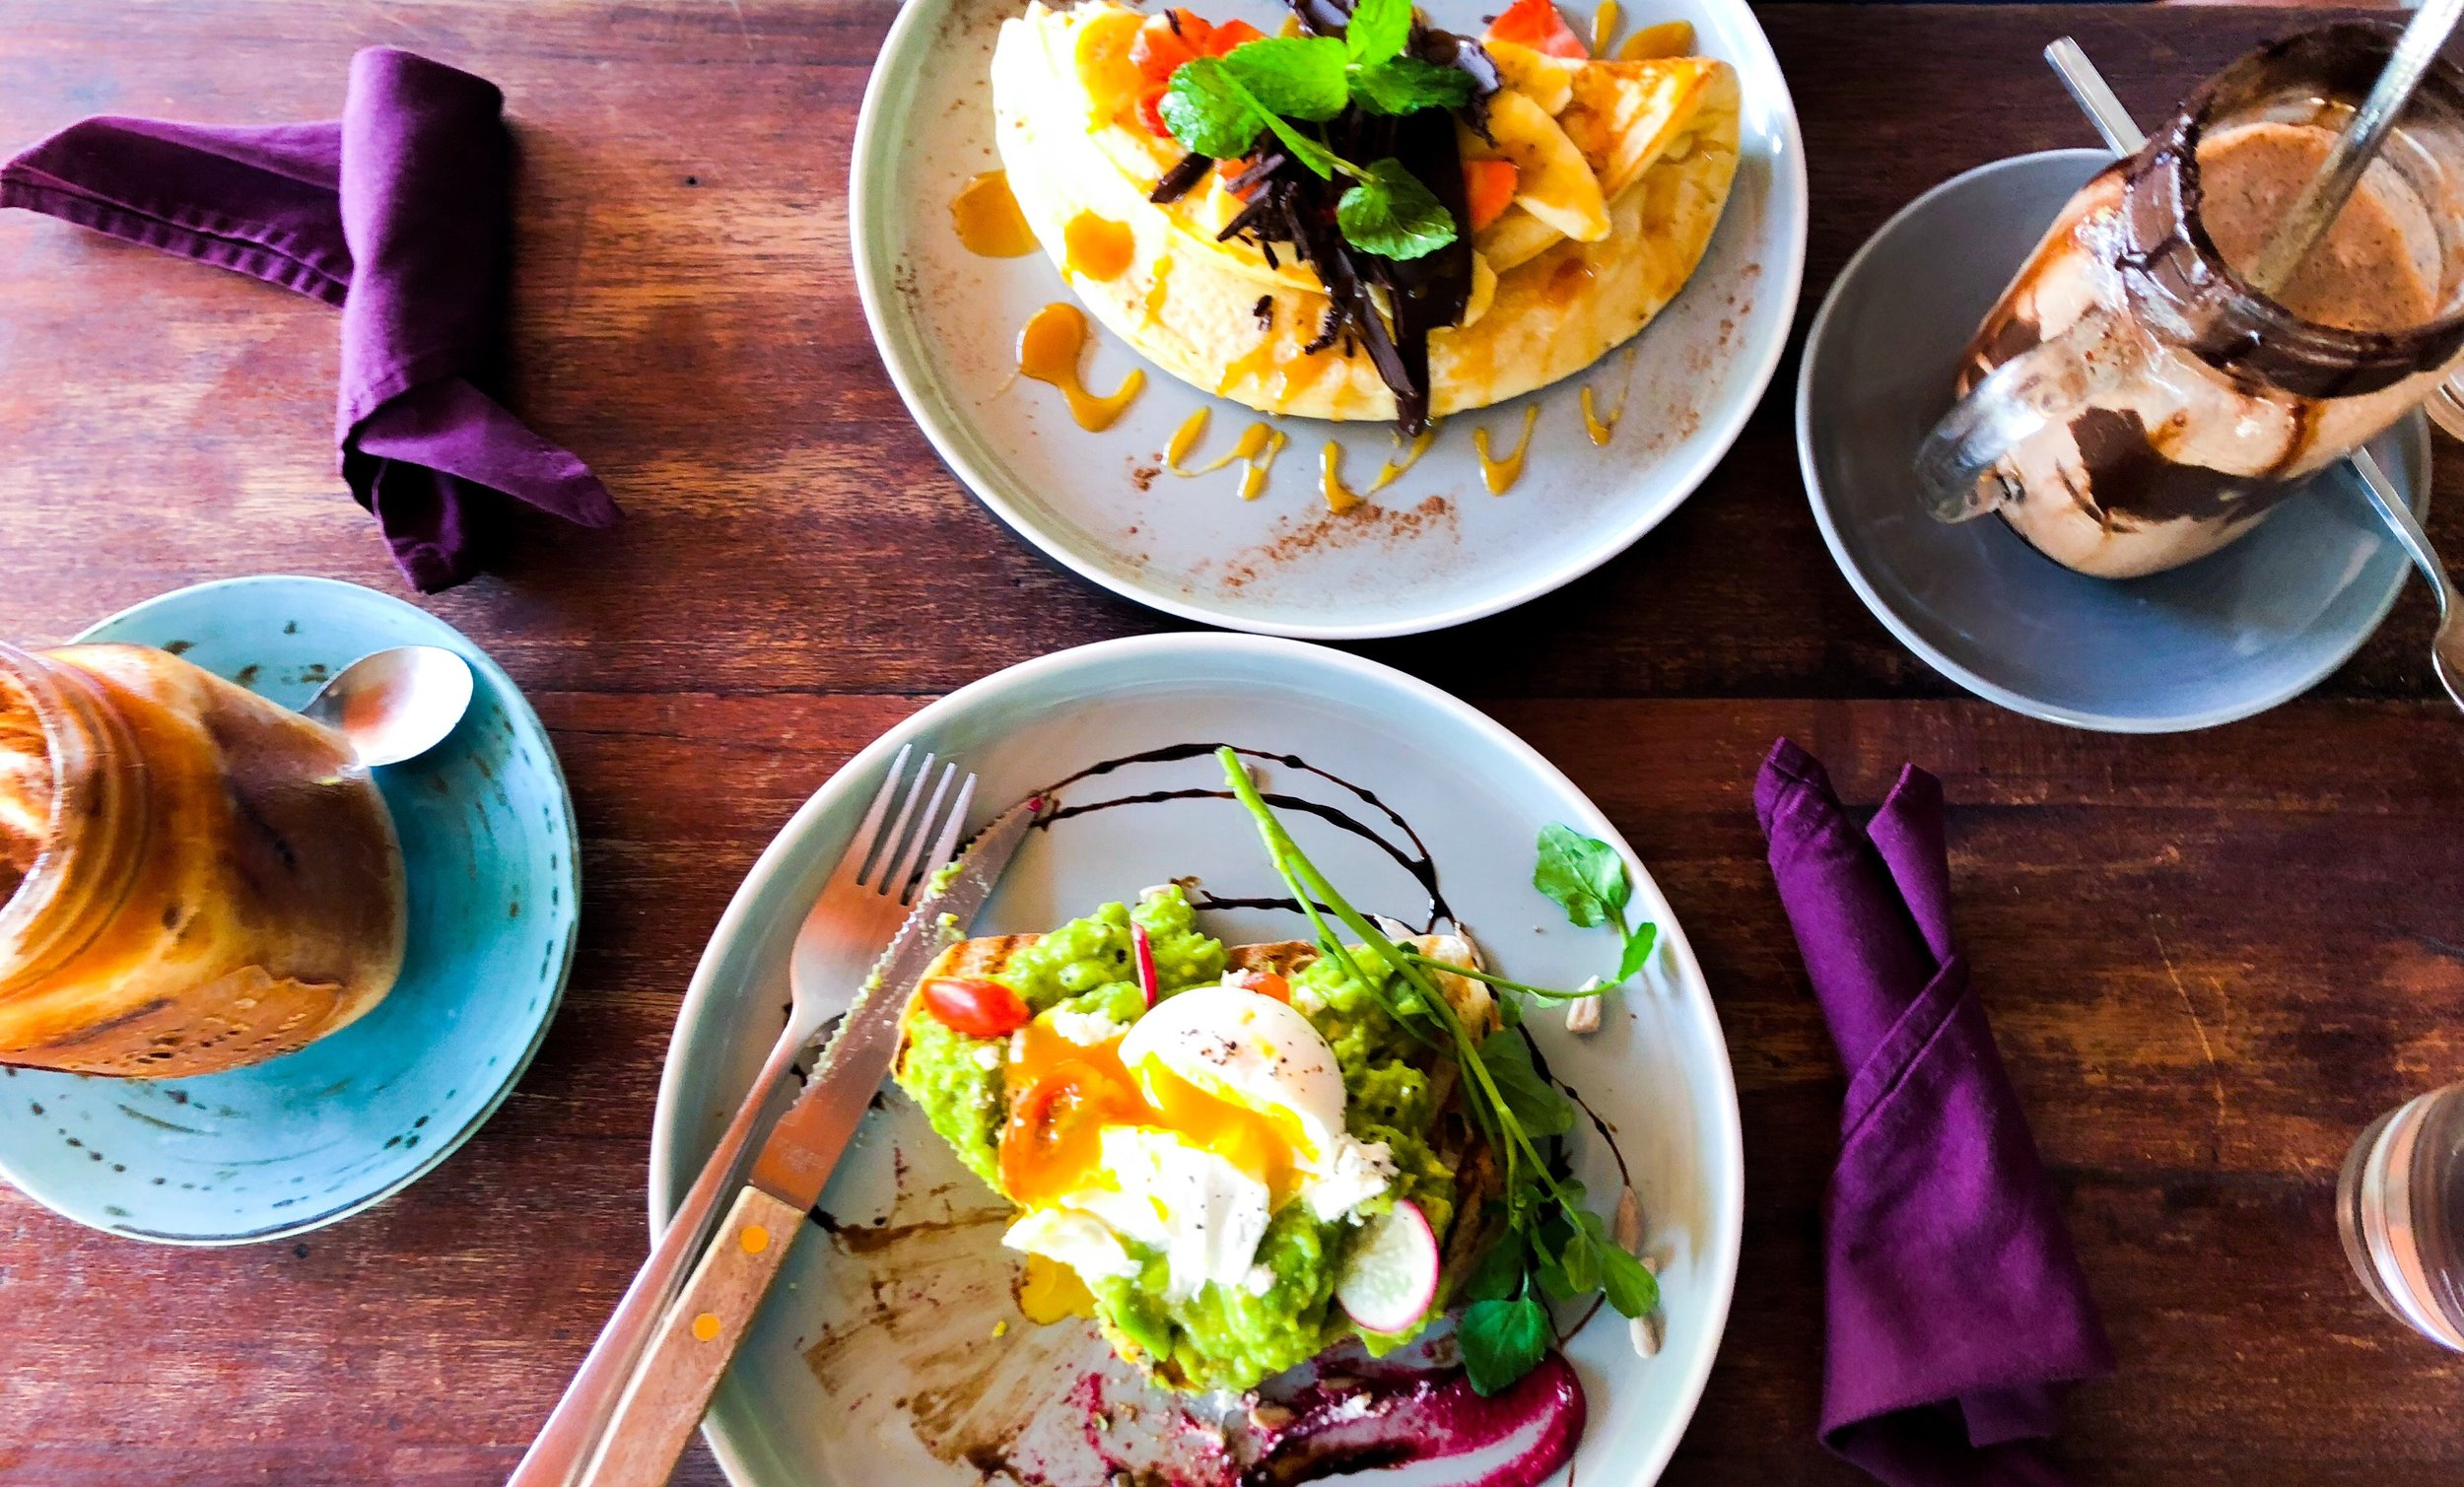 appetizer-breakfast-cafe-1058435.jpg